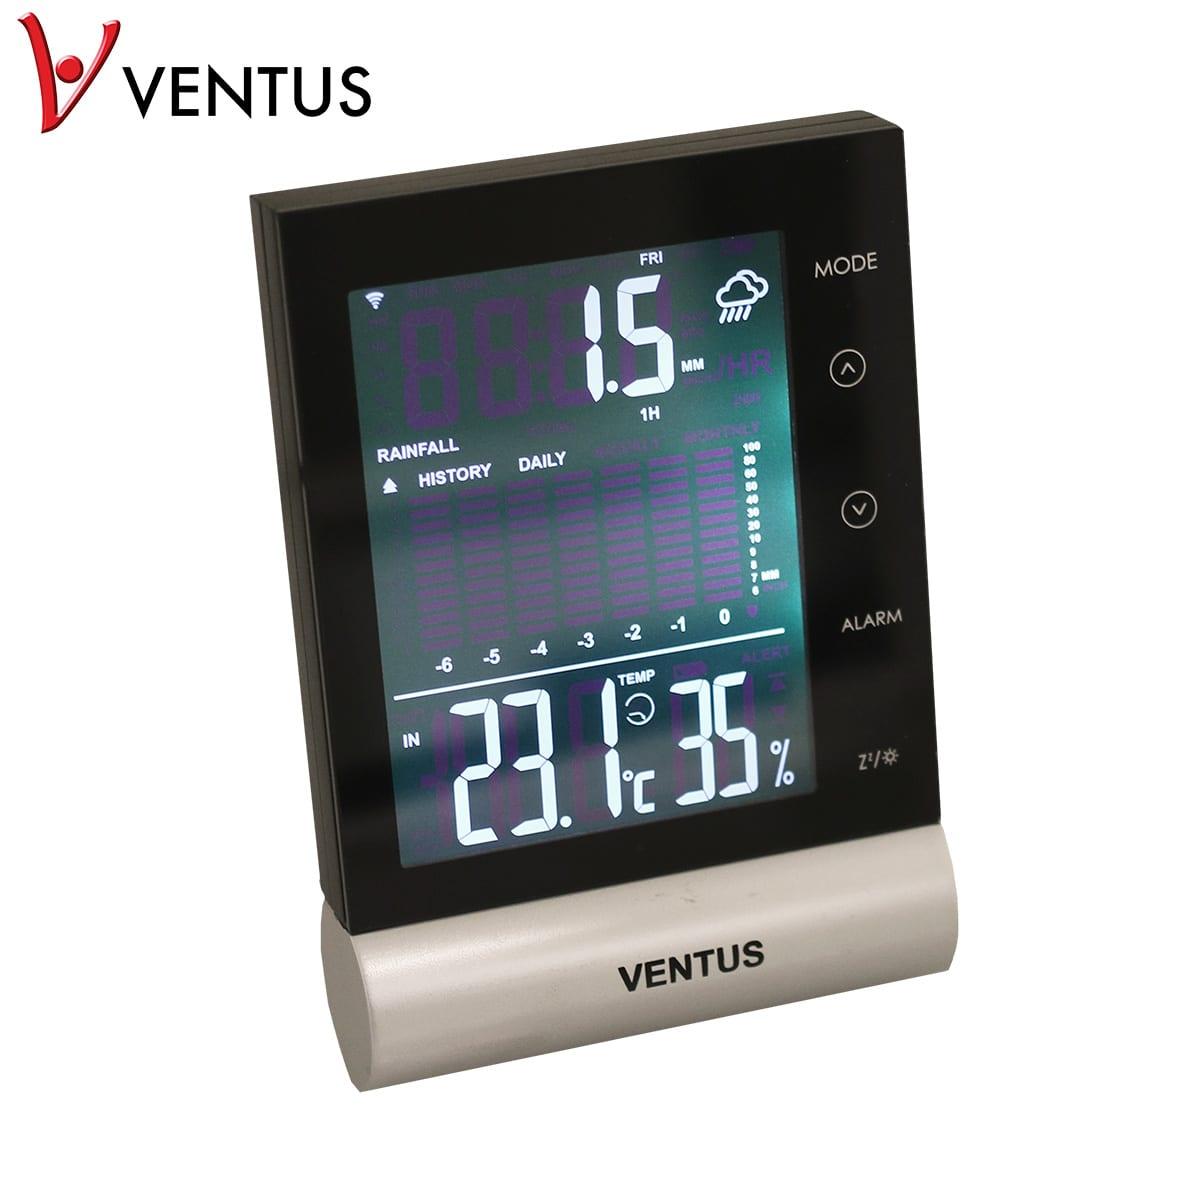 Viser nedbøren, temperaturen, klokken og datoen